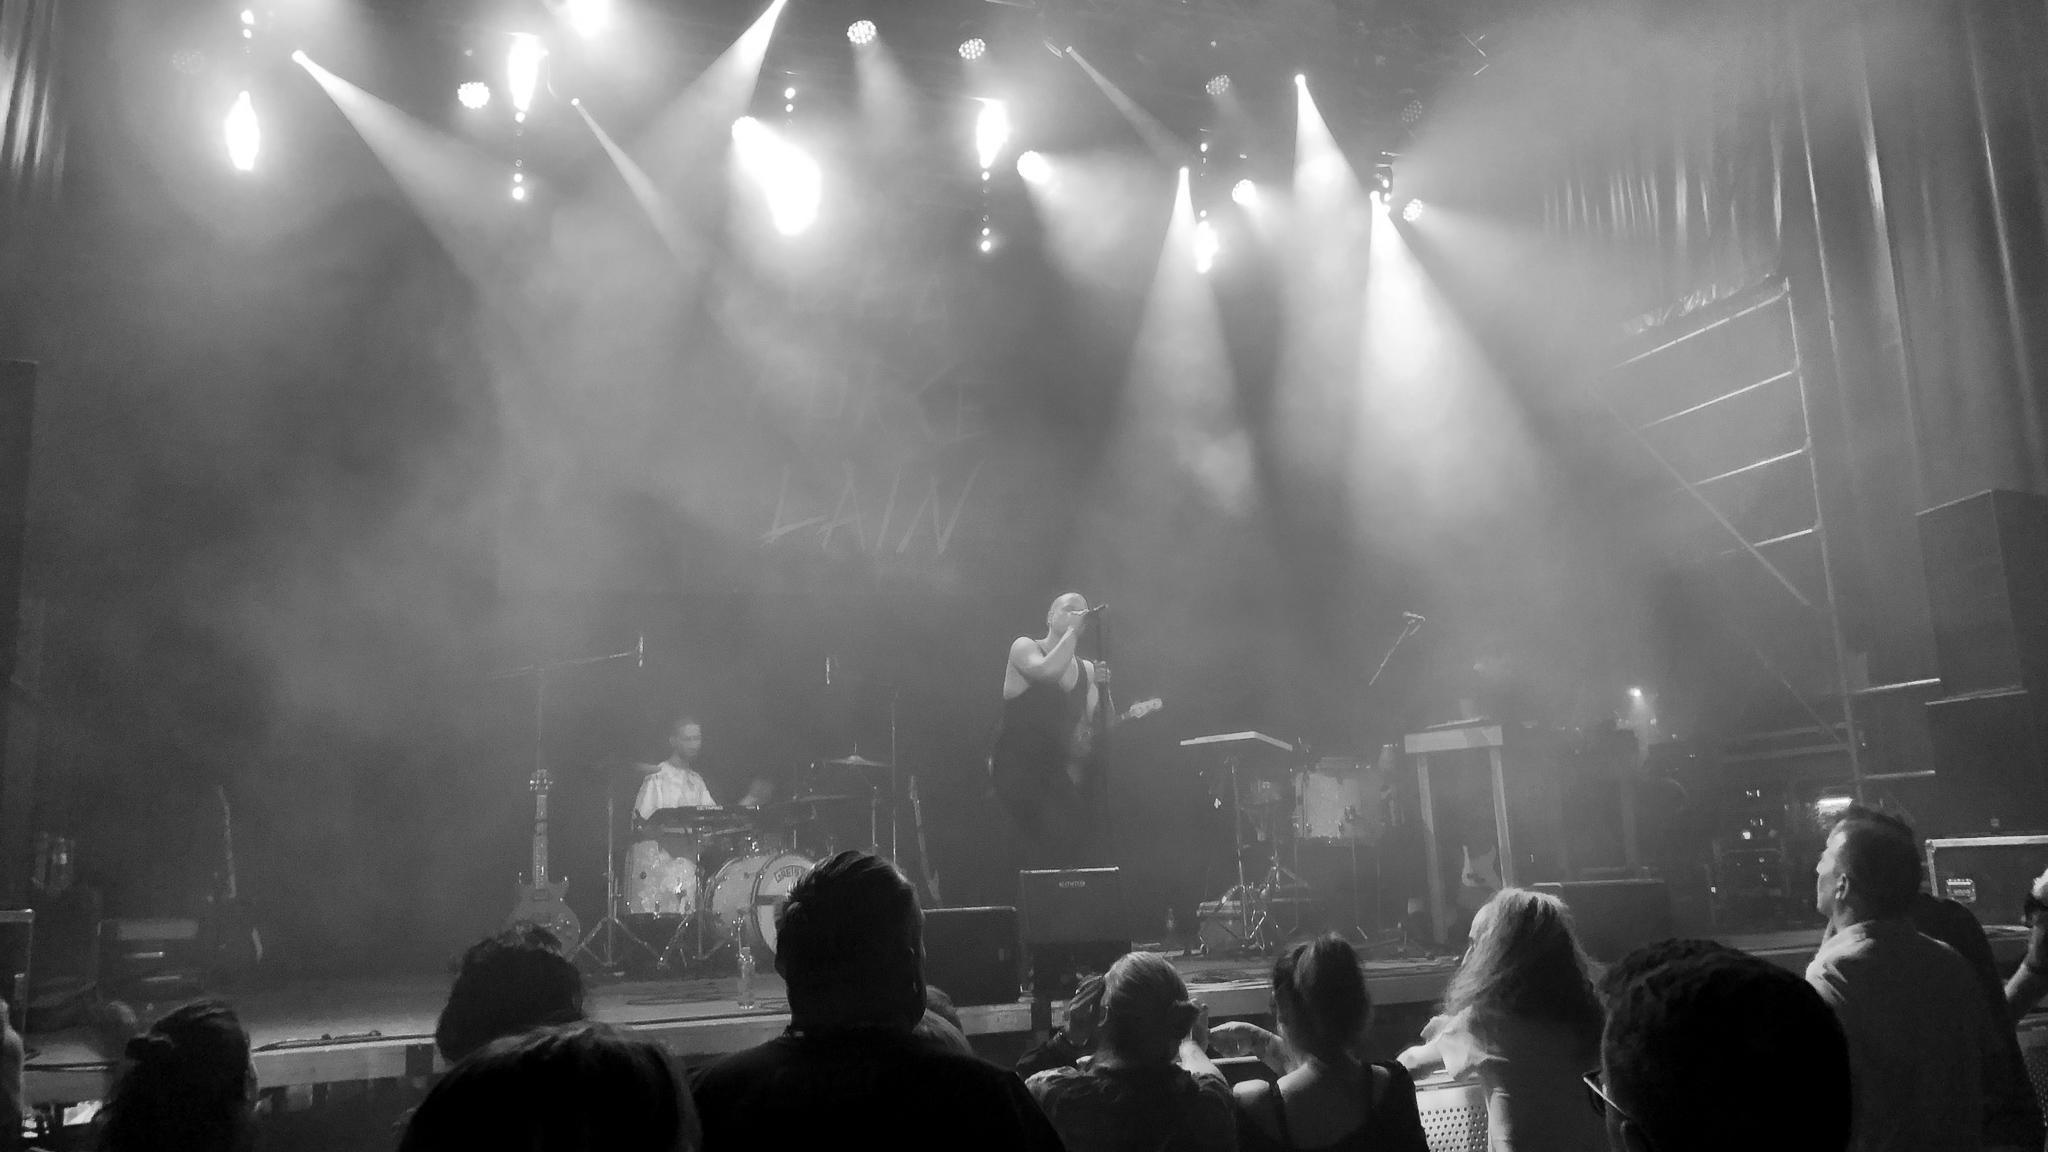 Lea Porcelain auf der Bühne am ROAM Festival